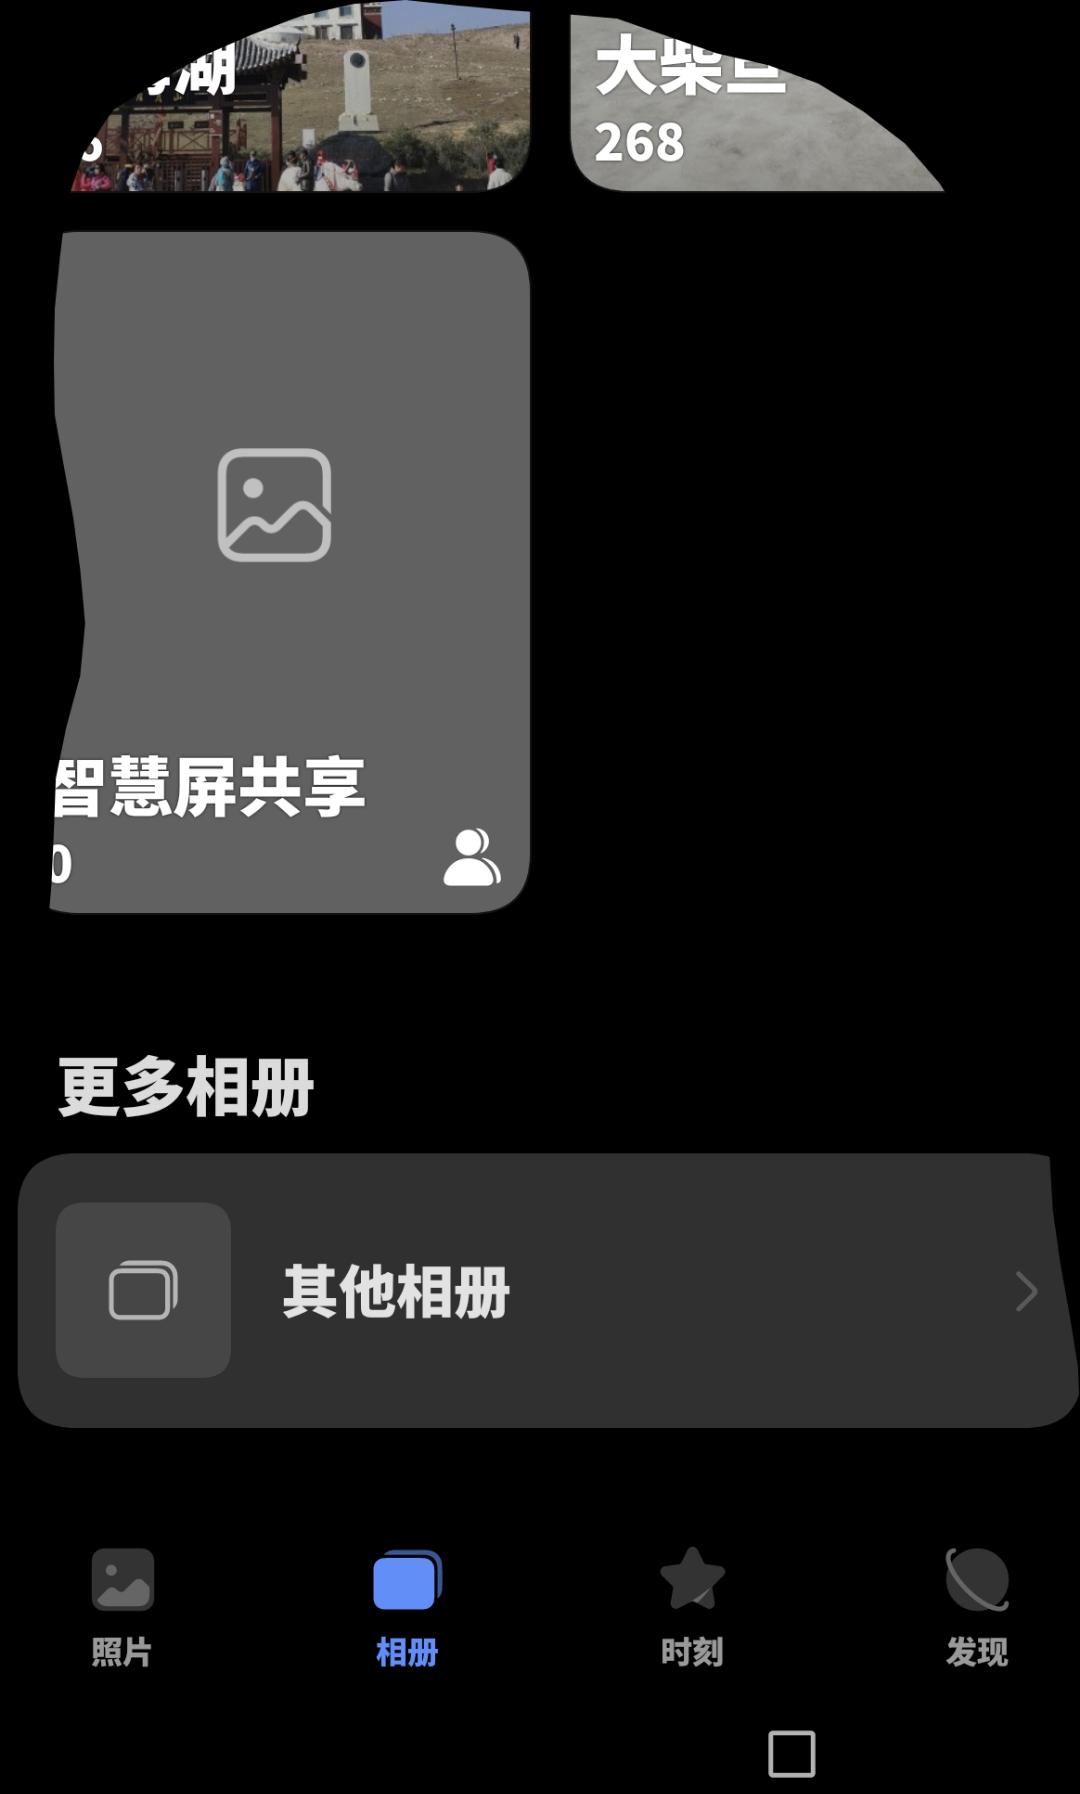 Screenshot_20210922_181629_com.huawei.photos.png